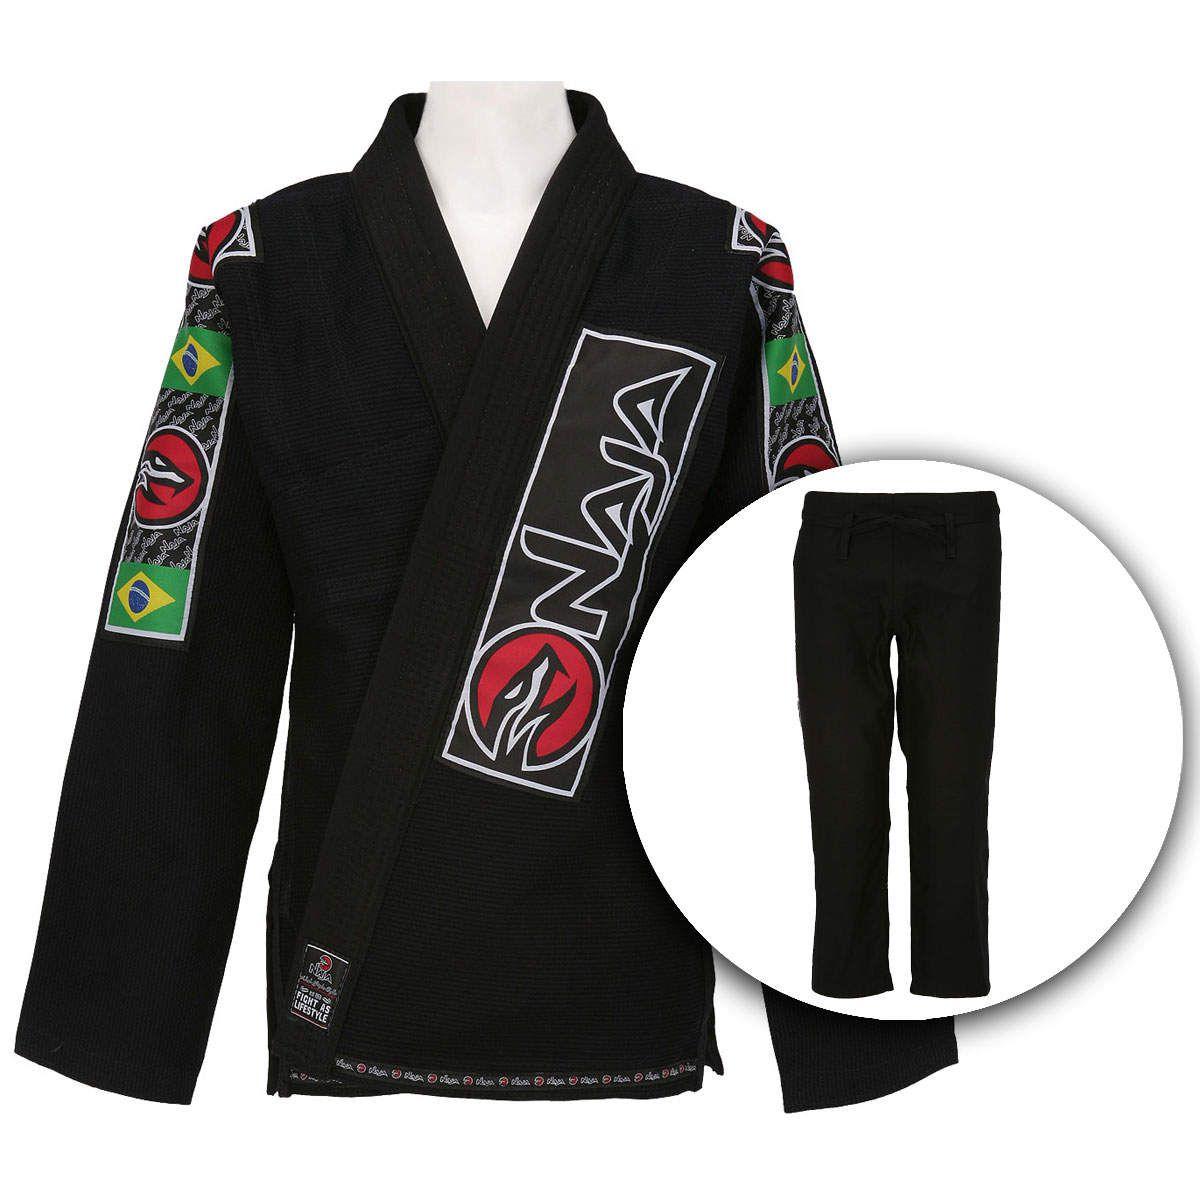 Kimono Jiu Jitsu - Trancado - Naja - Preto  - Loja do Competidor